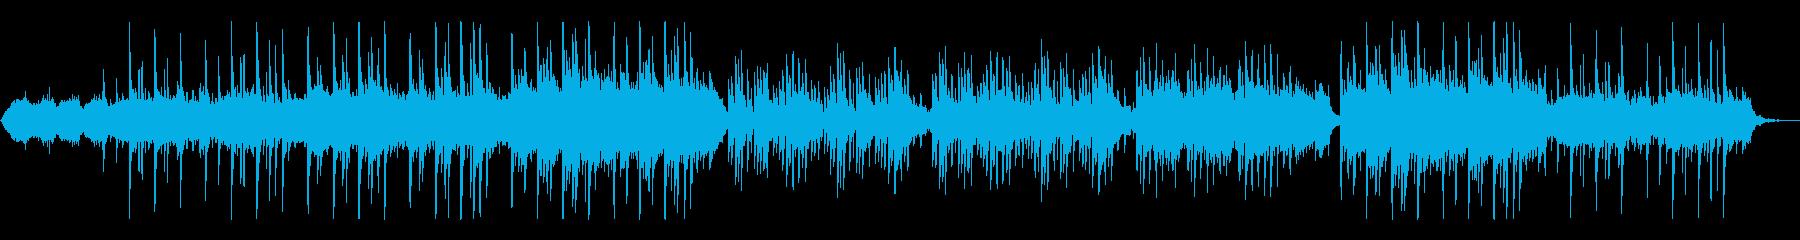 ゆったりしたシンセパッドとピアノの曲の再生済みの波形